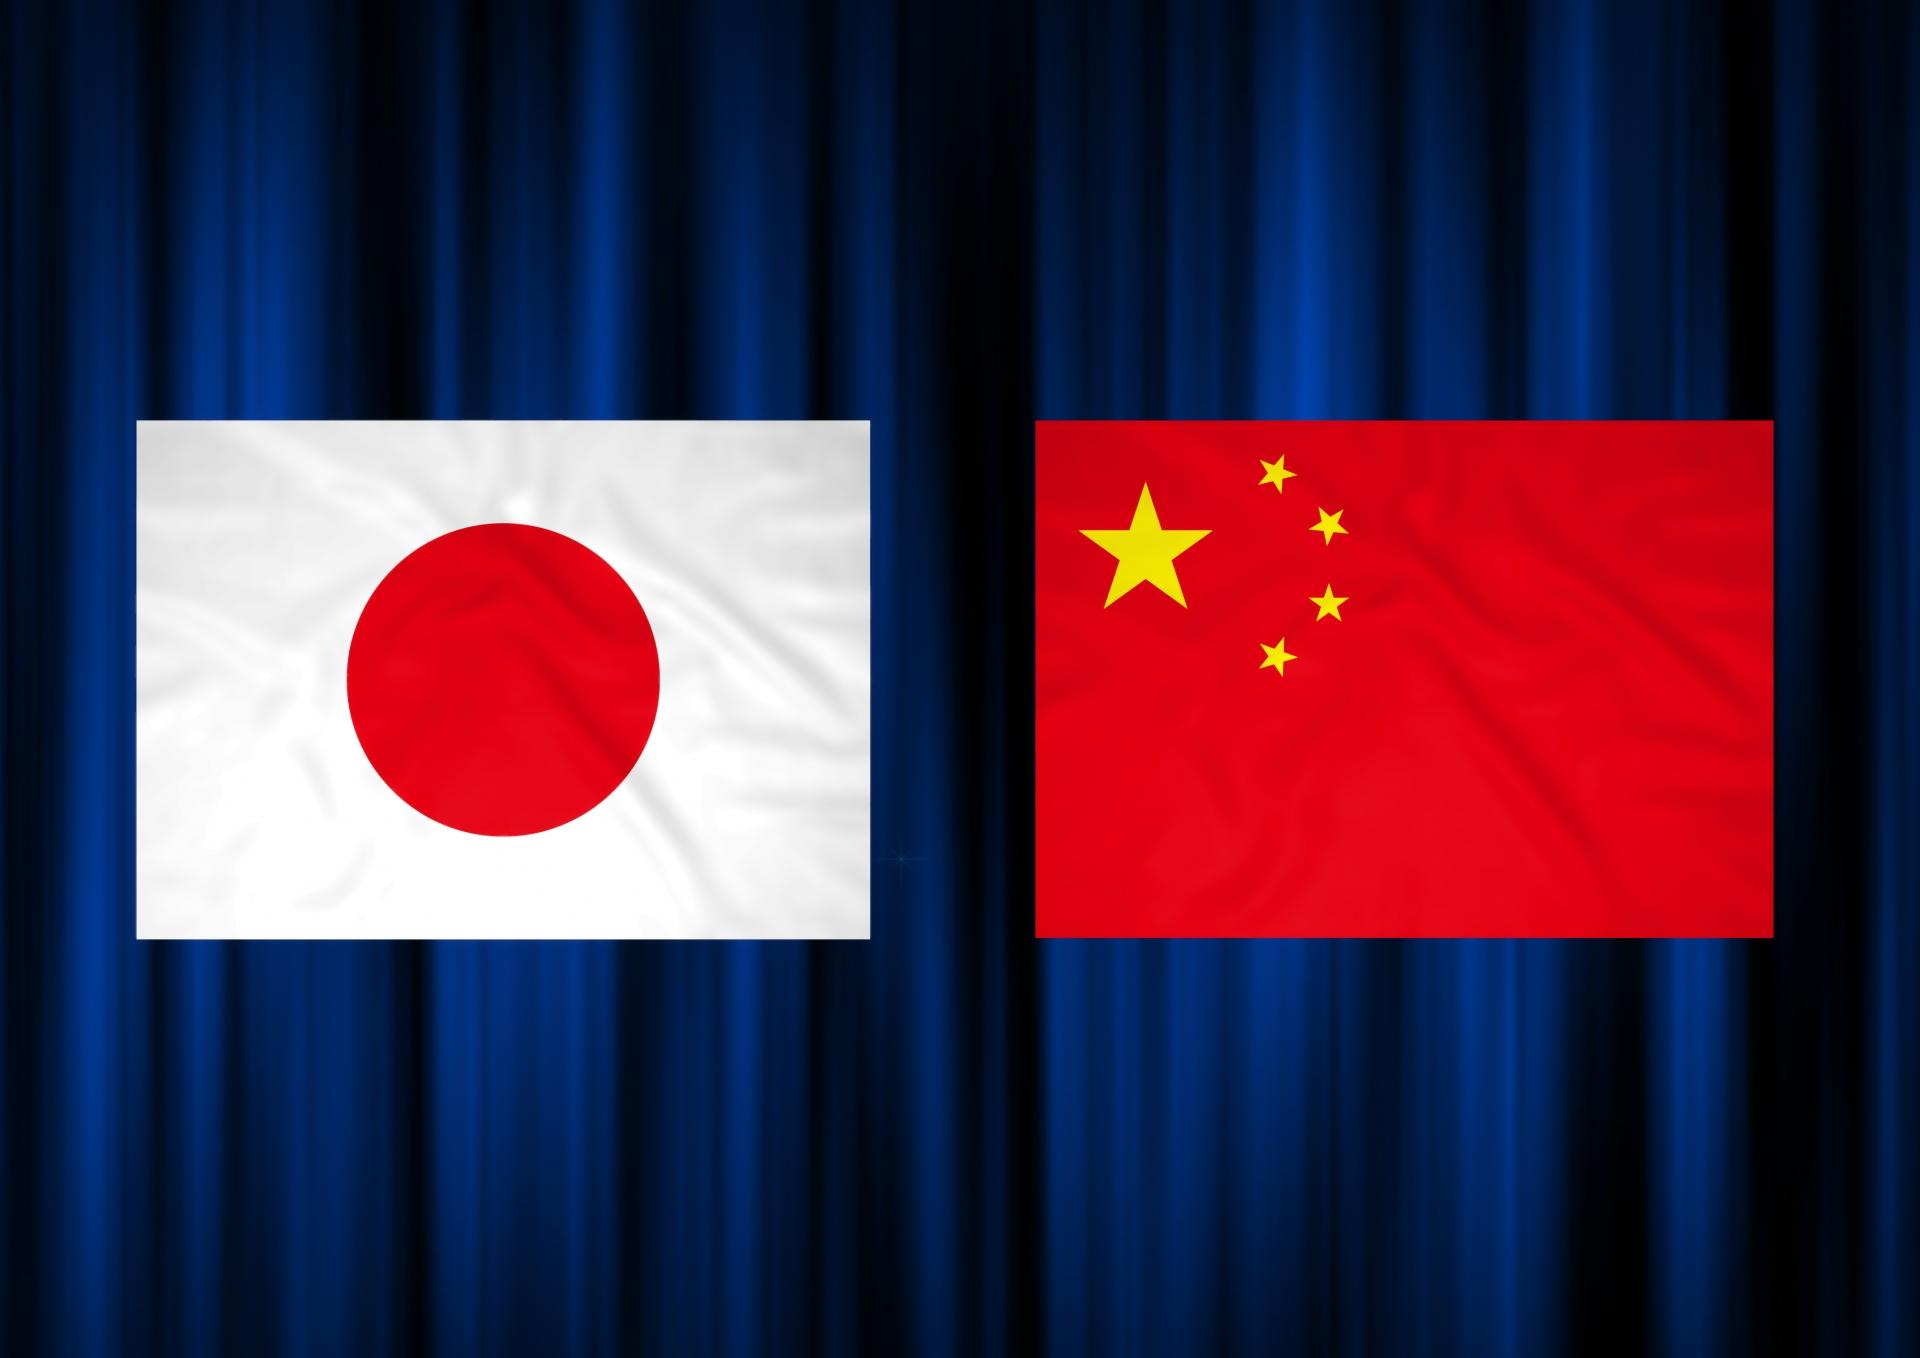 中国輸入のイメージ画像